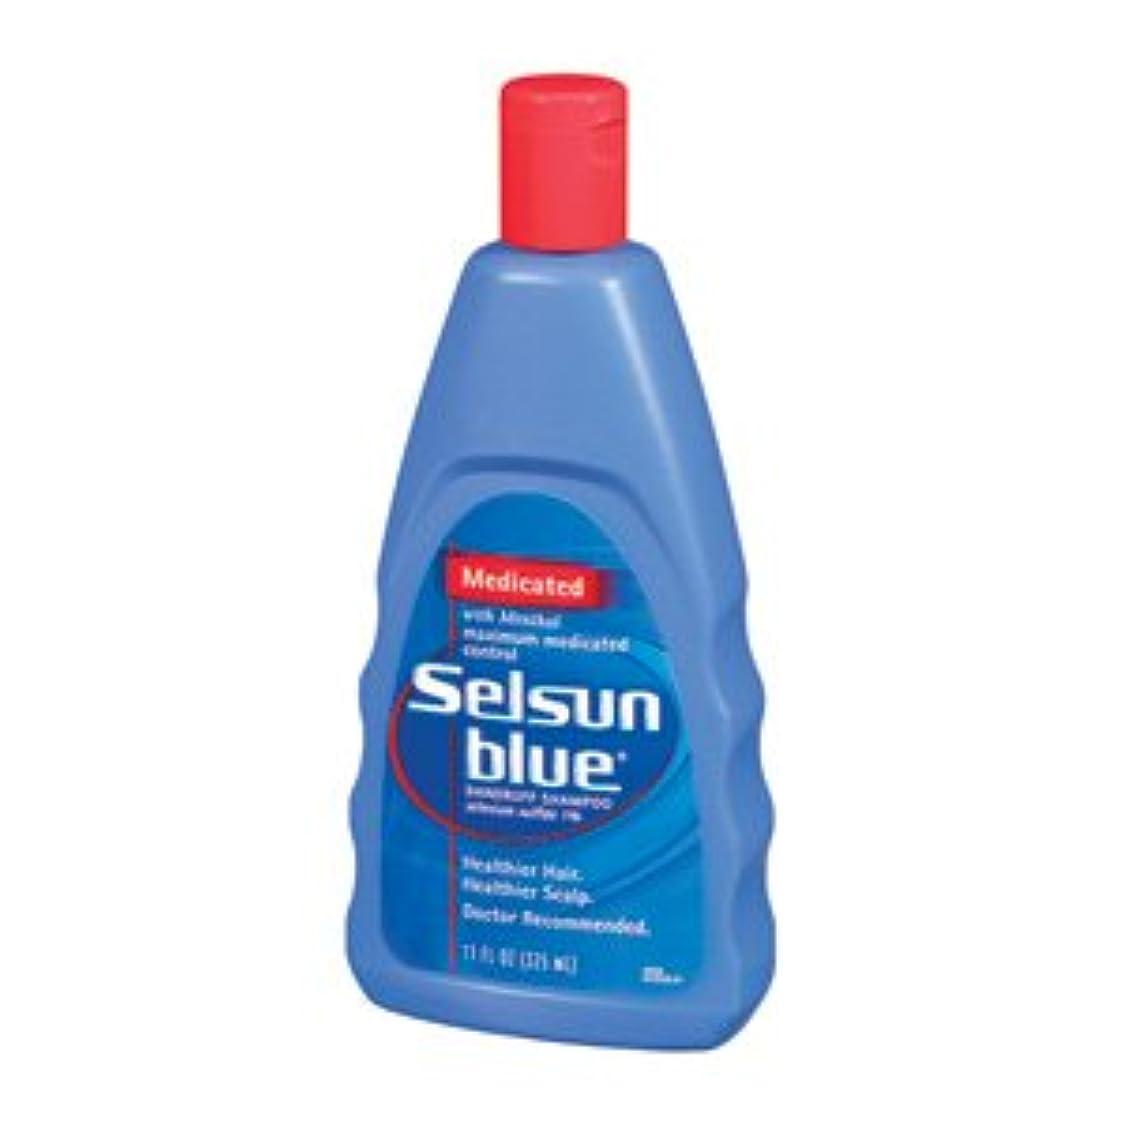 構成浸した宣言するセルサンブルー Selsun Blue ふけ用薬用シャンプー312ml(海外直送品)